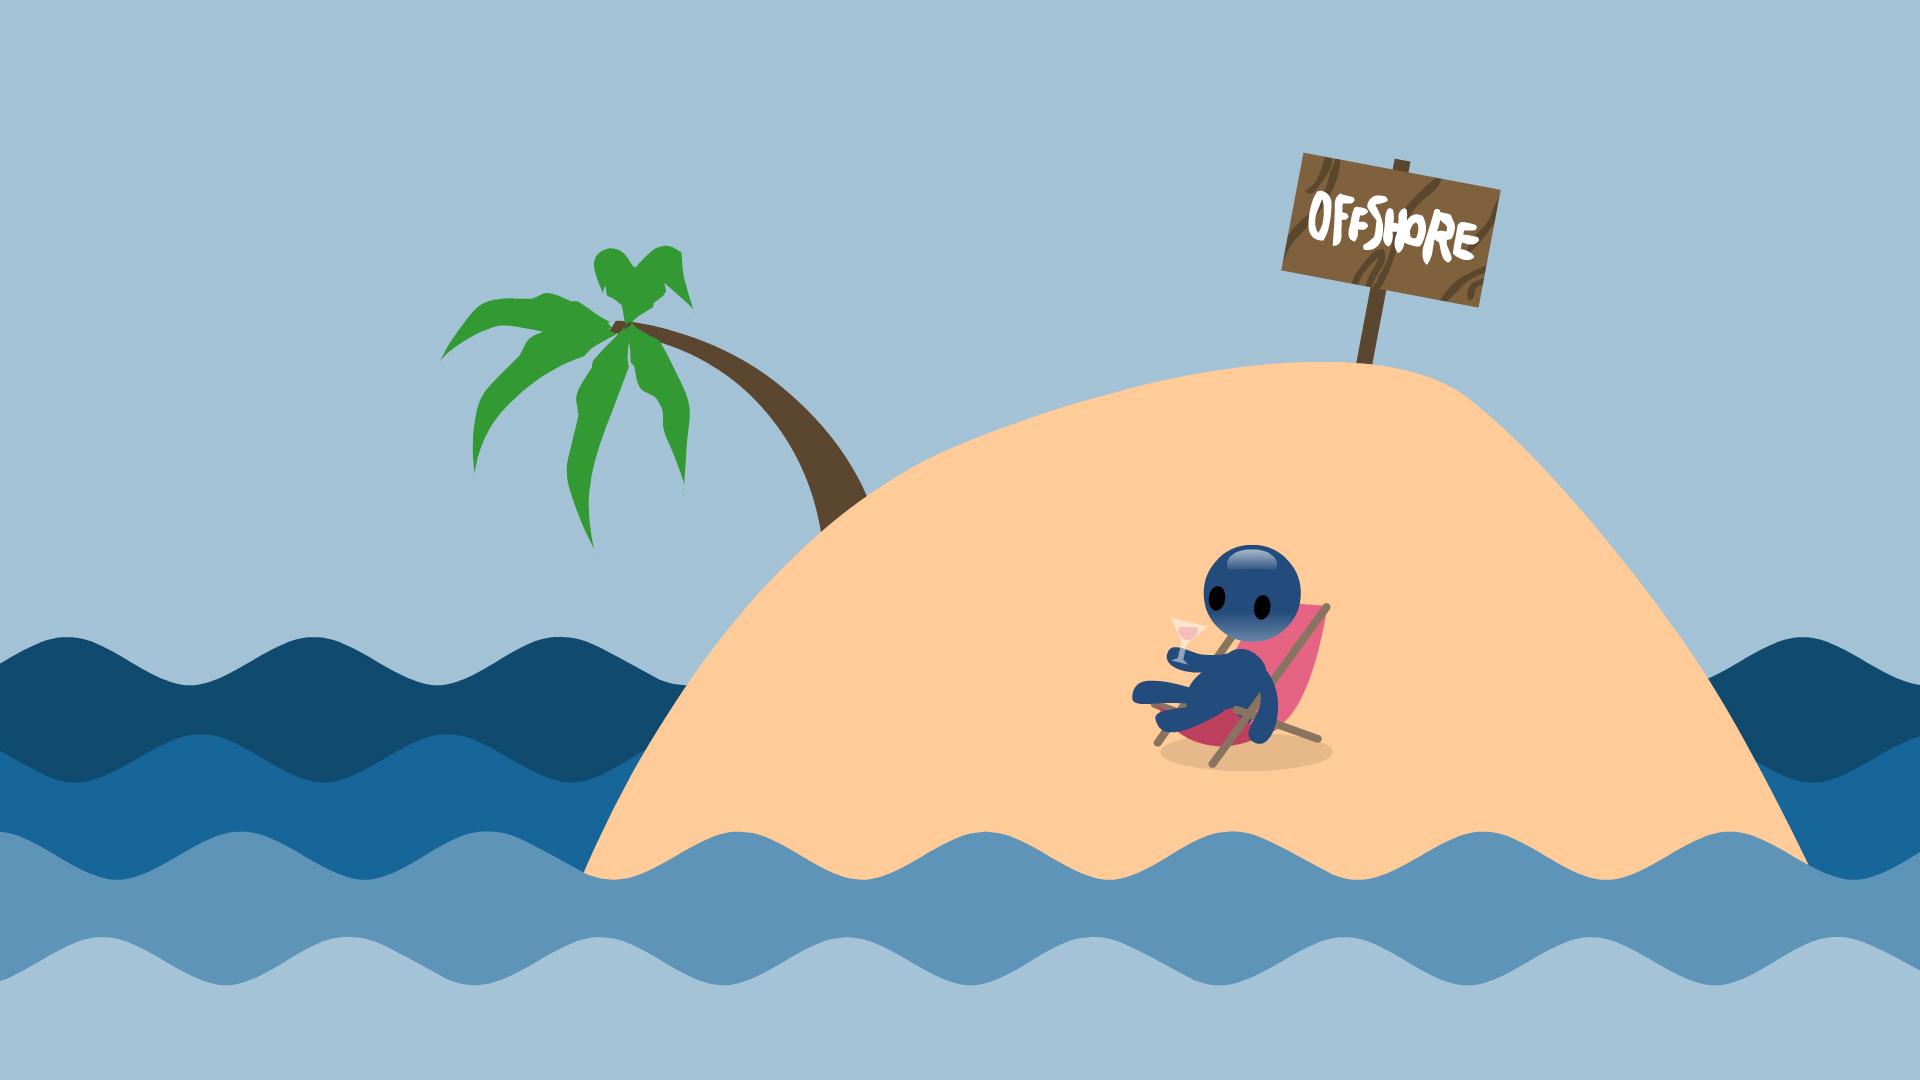 Tax avoidance animation